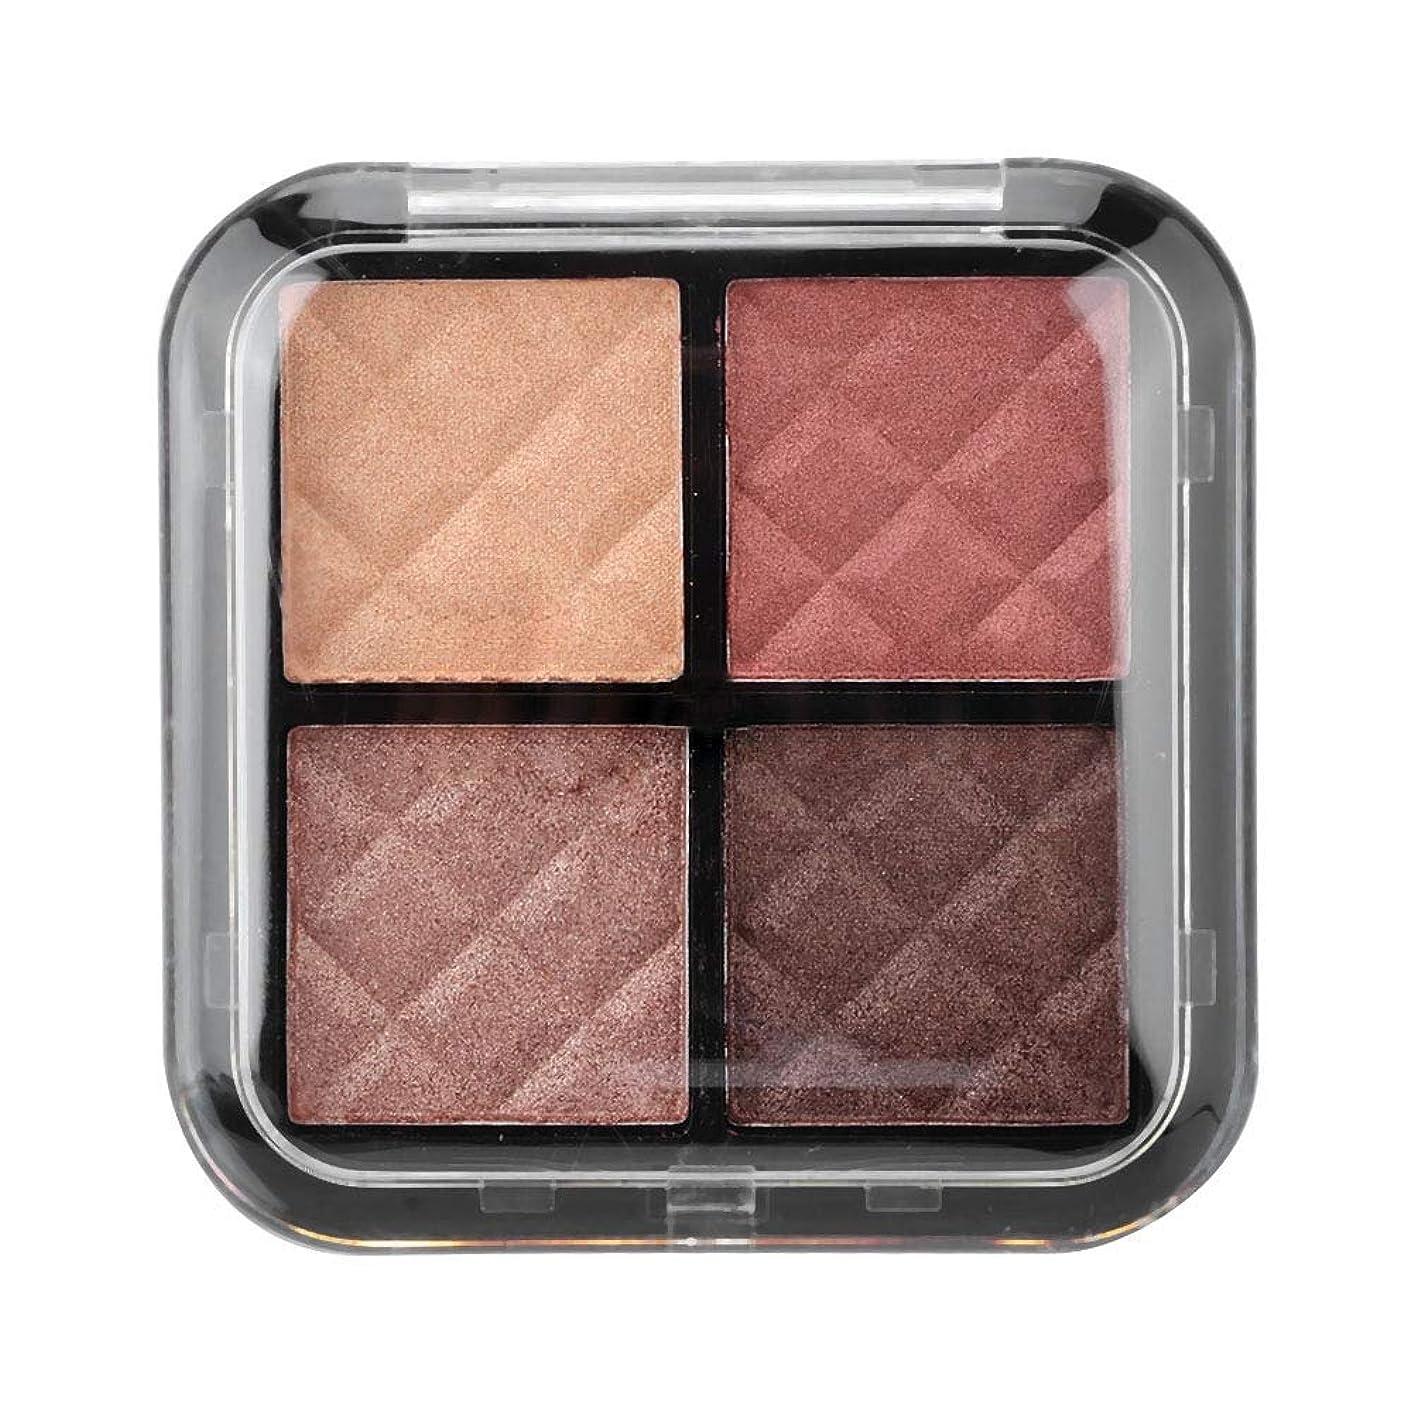 教え無声で矛盾アイシャドウパレット 4色 化粧マット 化粧品ツール グロス アイシャドウパウダー(01)